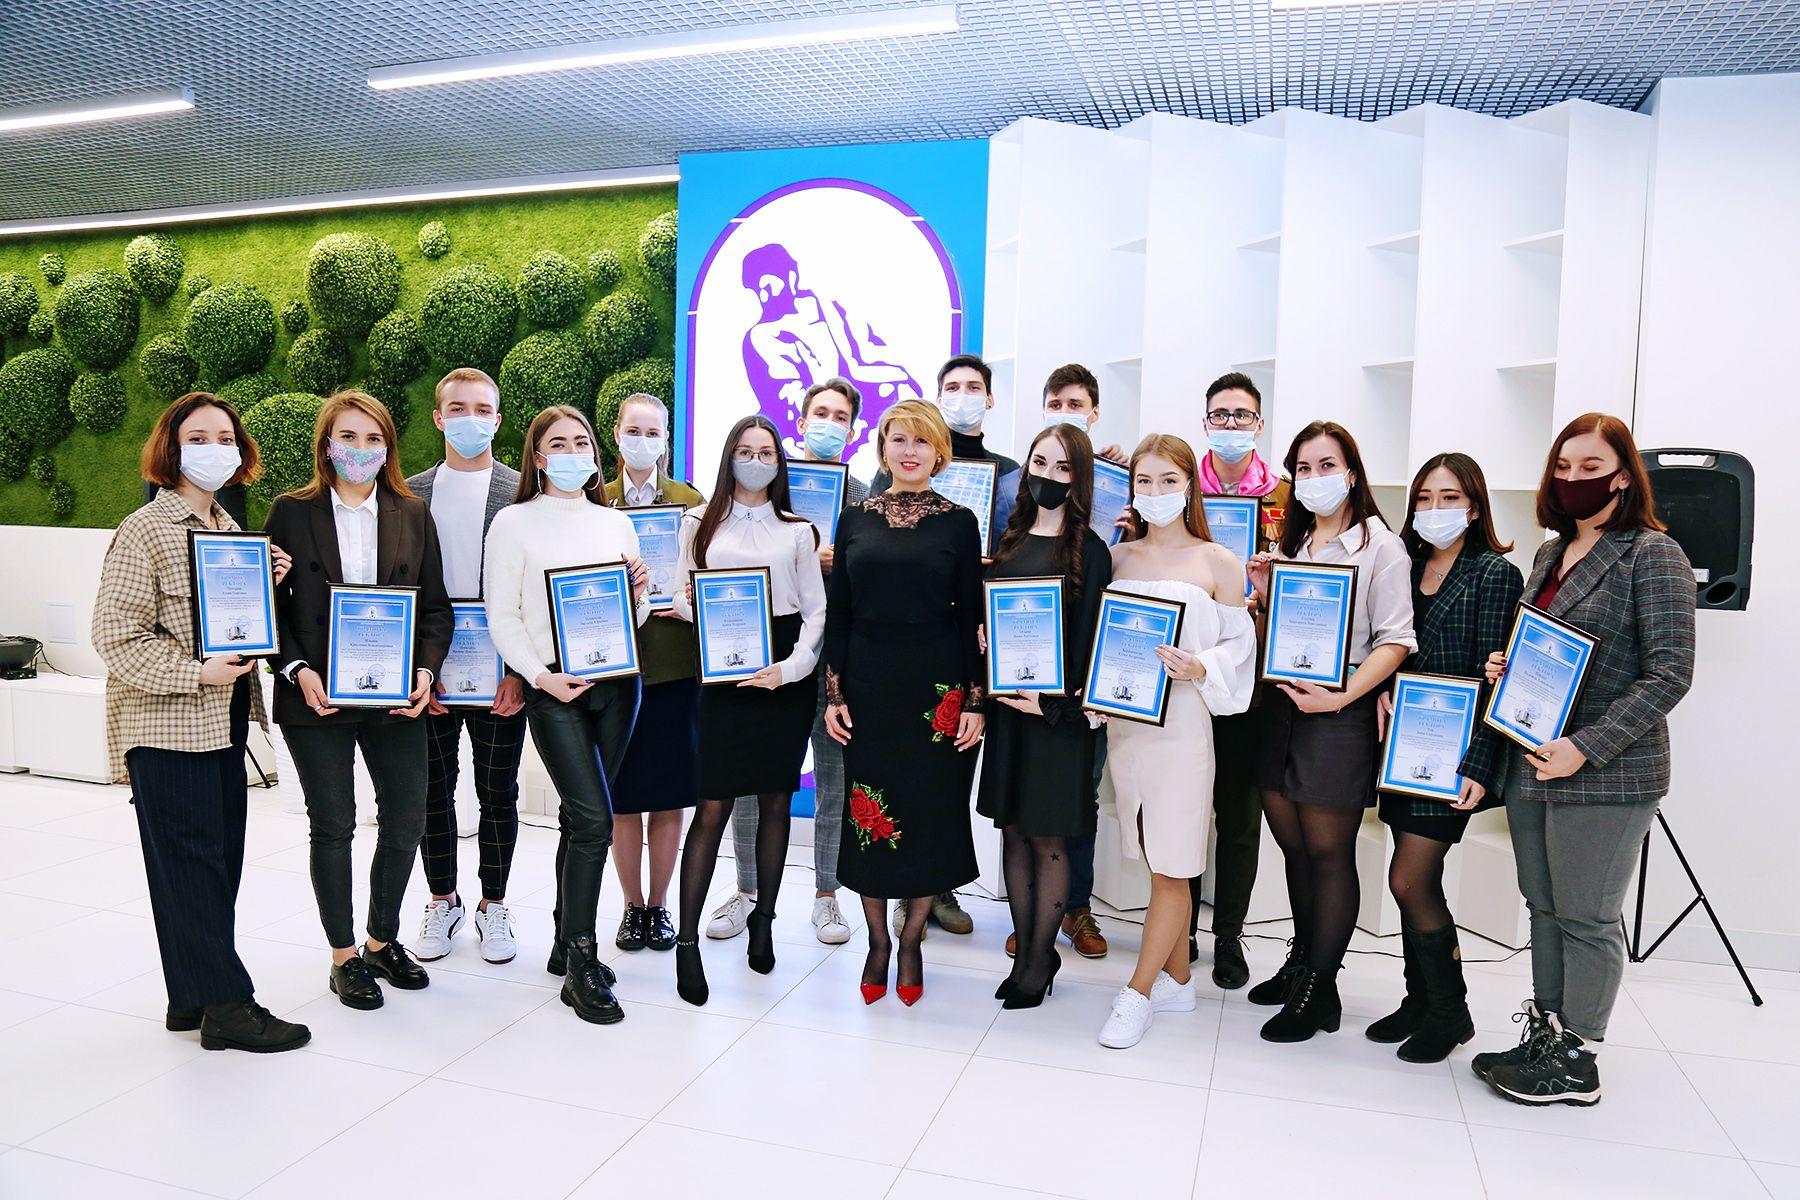 Все для студентов: во ВГУЭС открылось еще одно современное молодежное «Пространство»